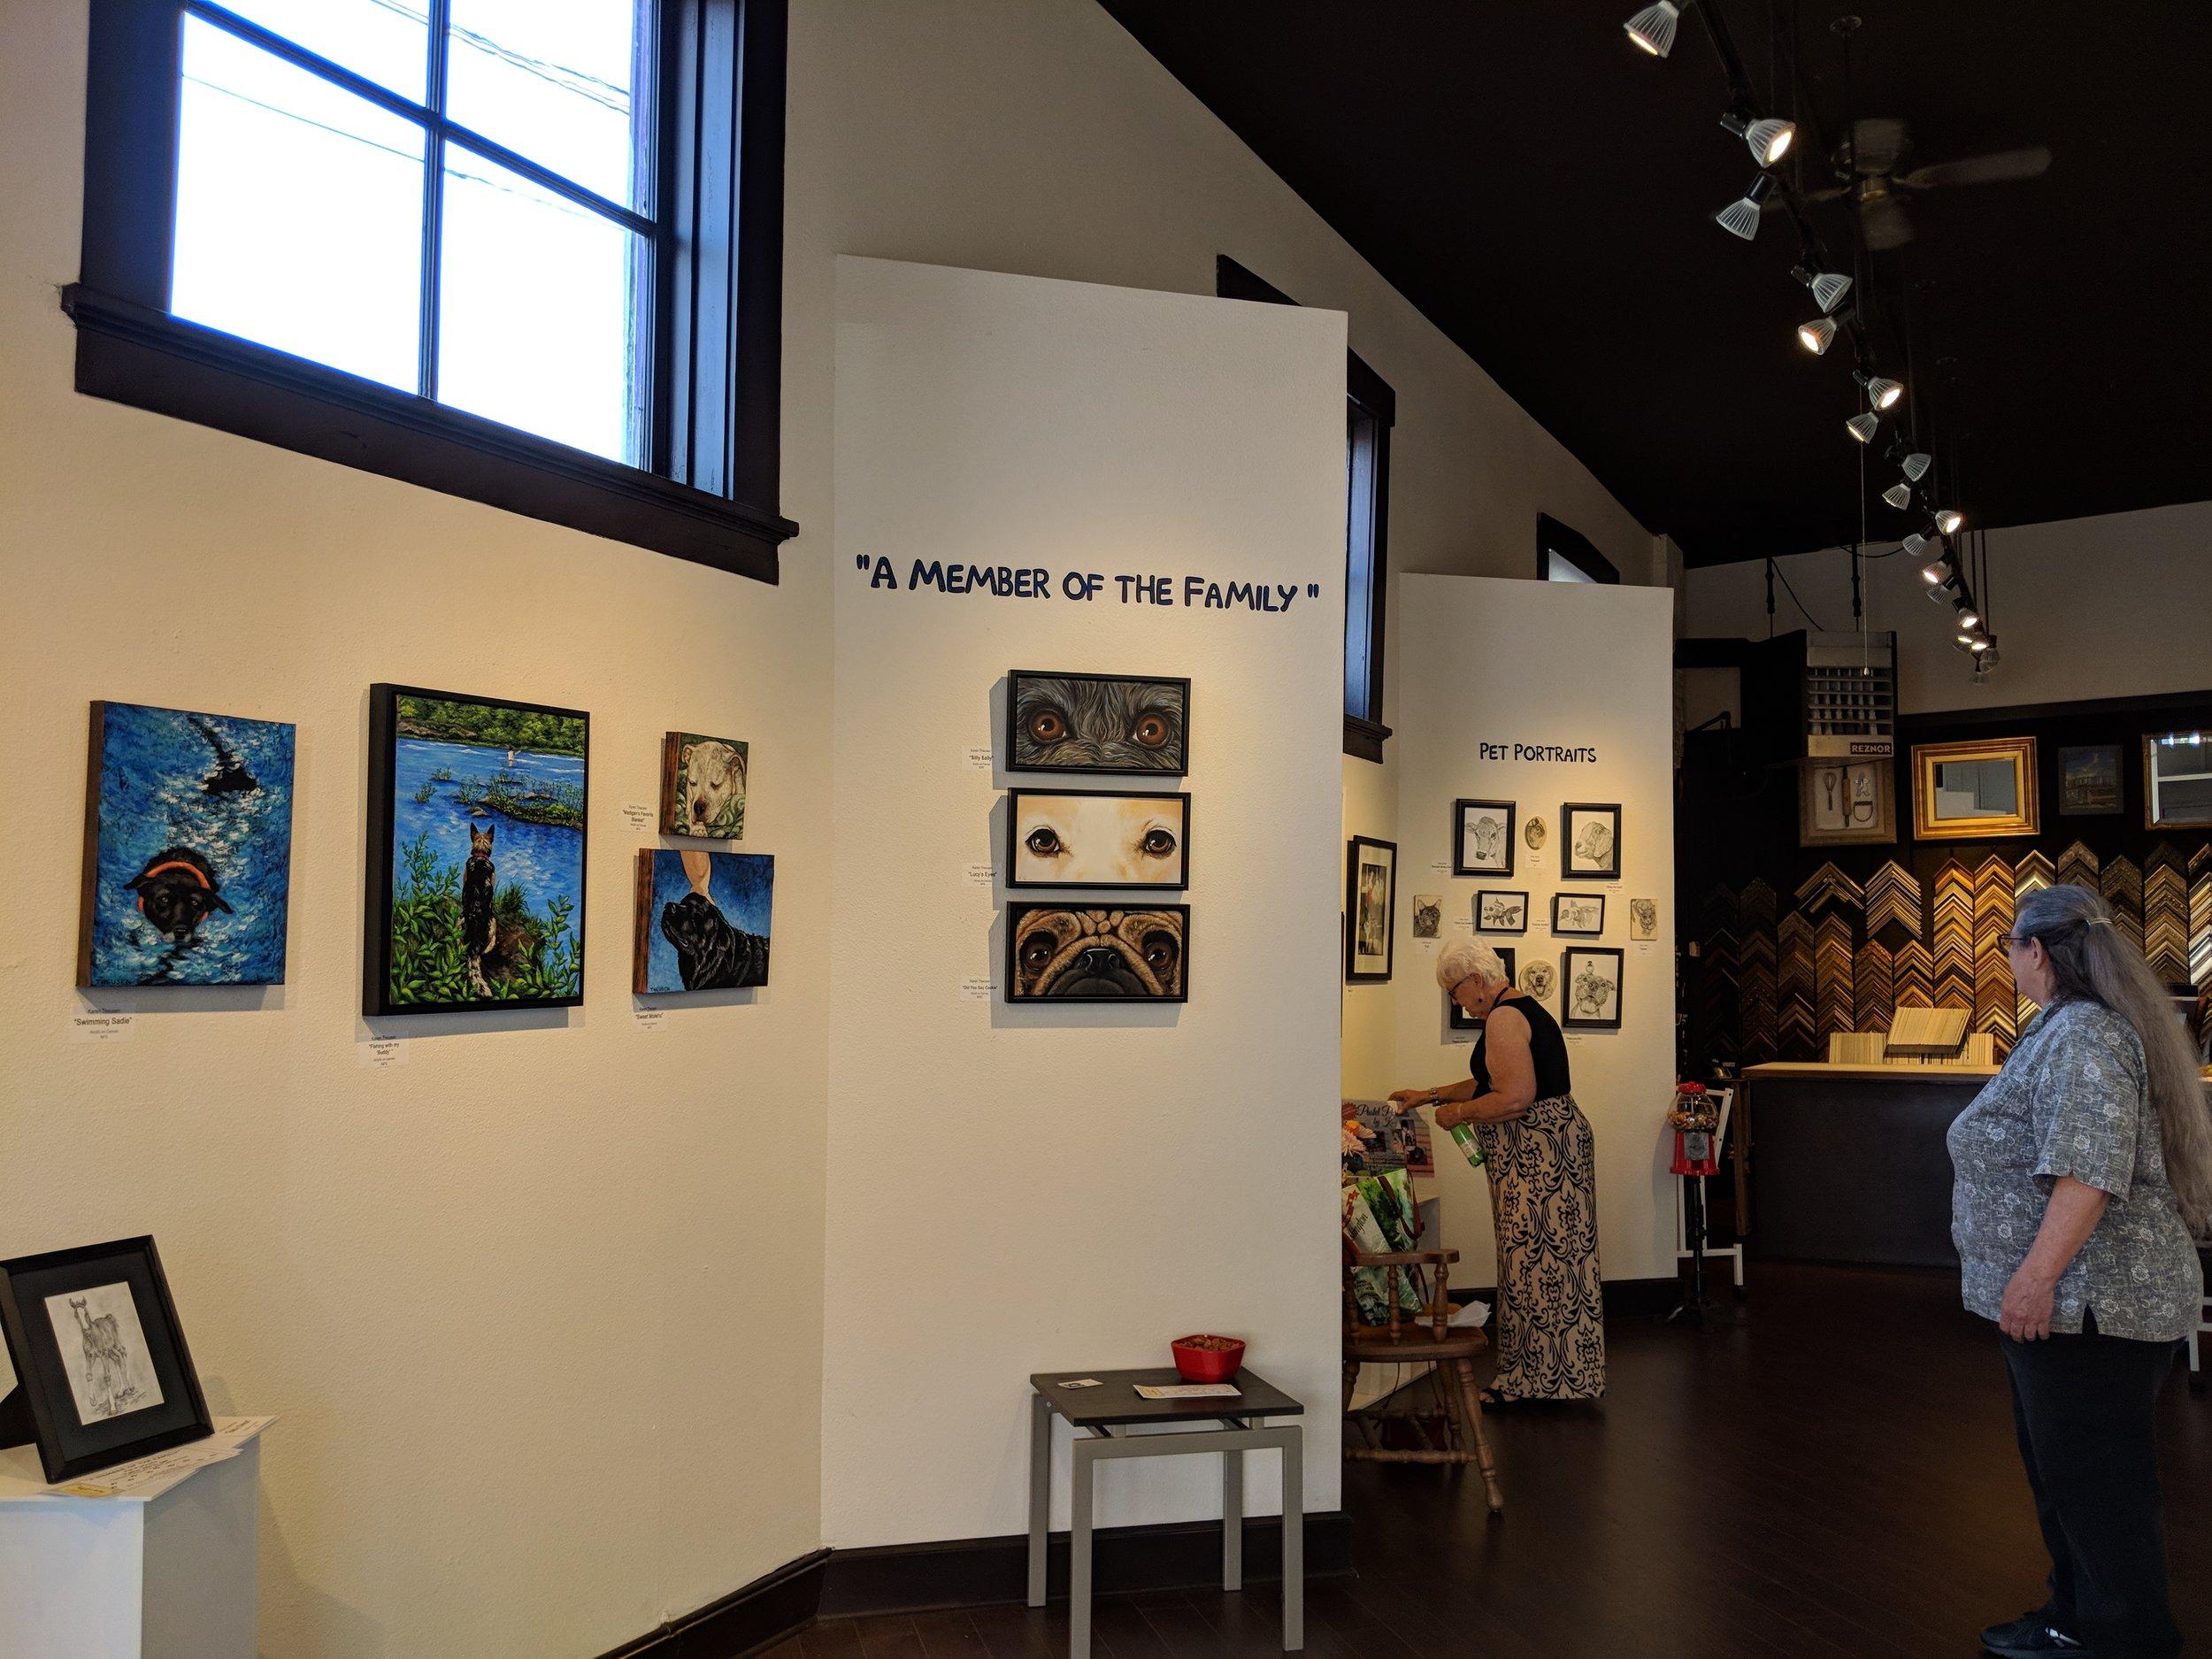 Show title with Karen Theusen's work below it.